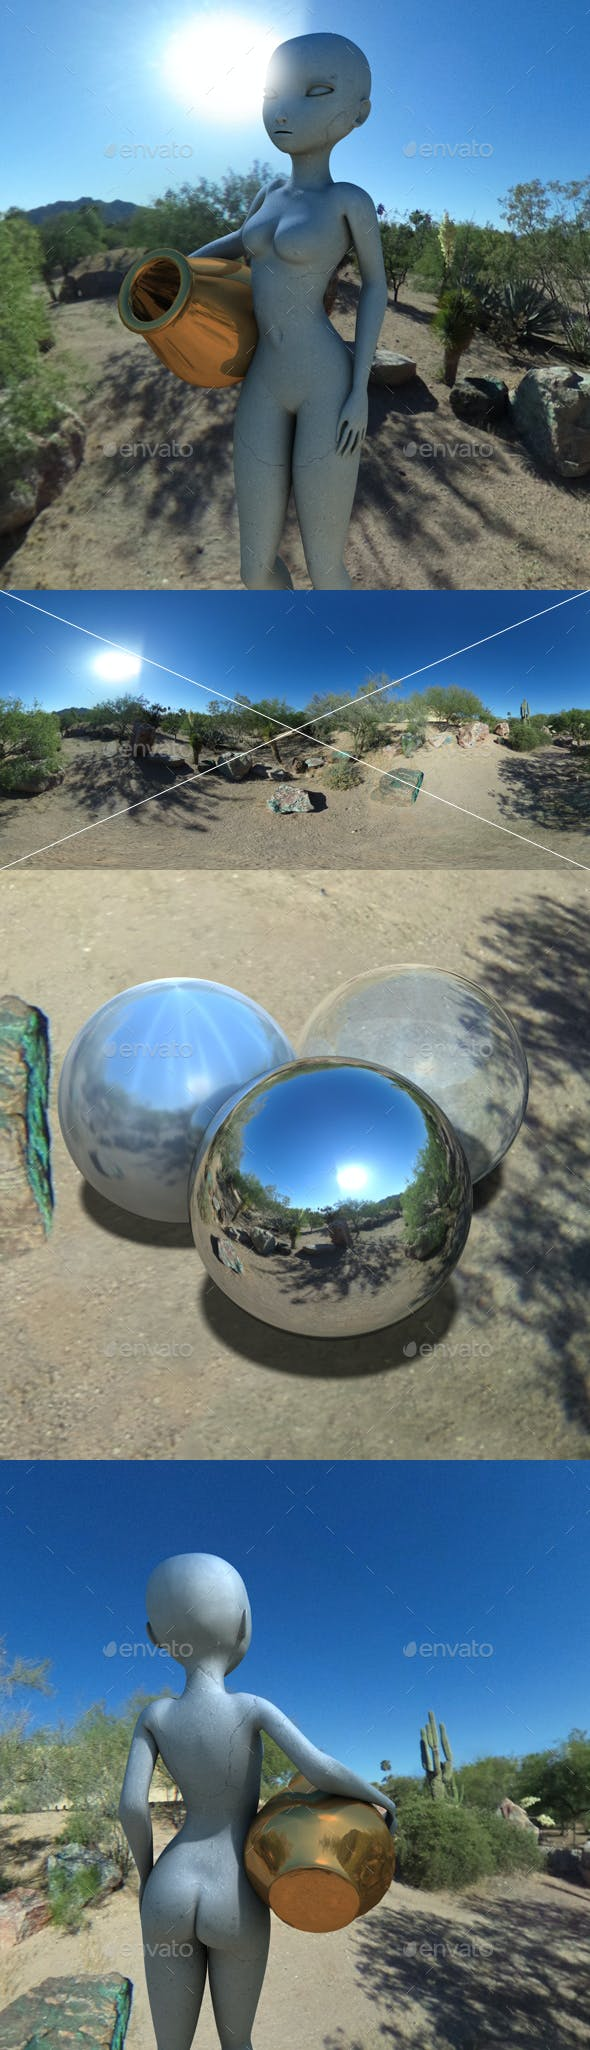 Painted Desert Arizona HDRI - 3DOcean Item for Sale